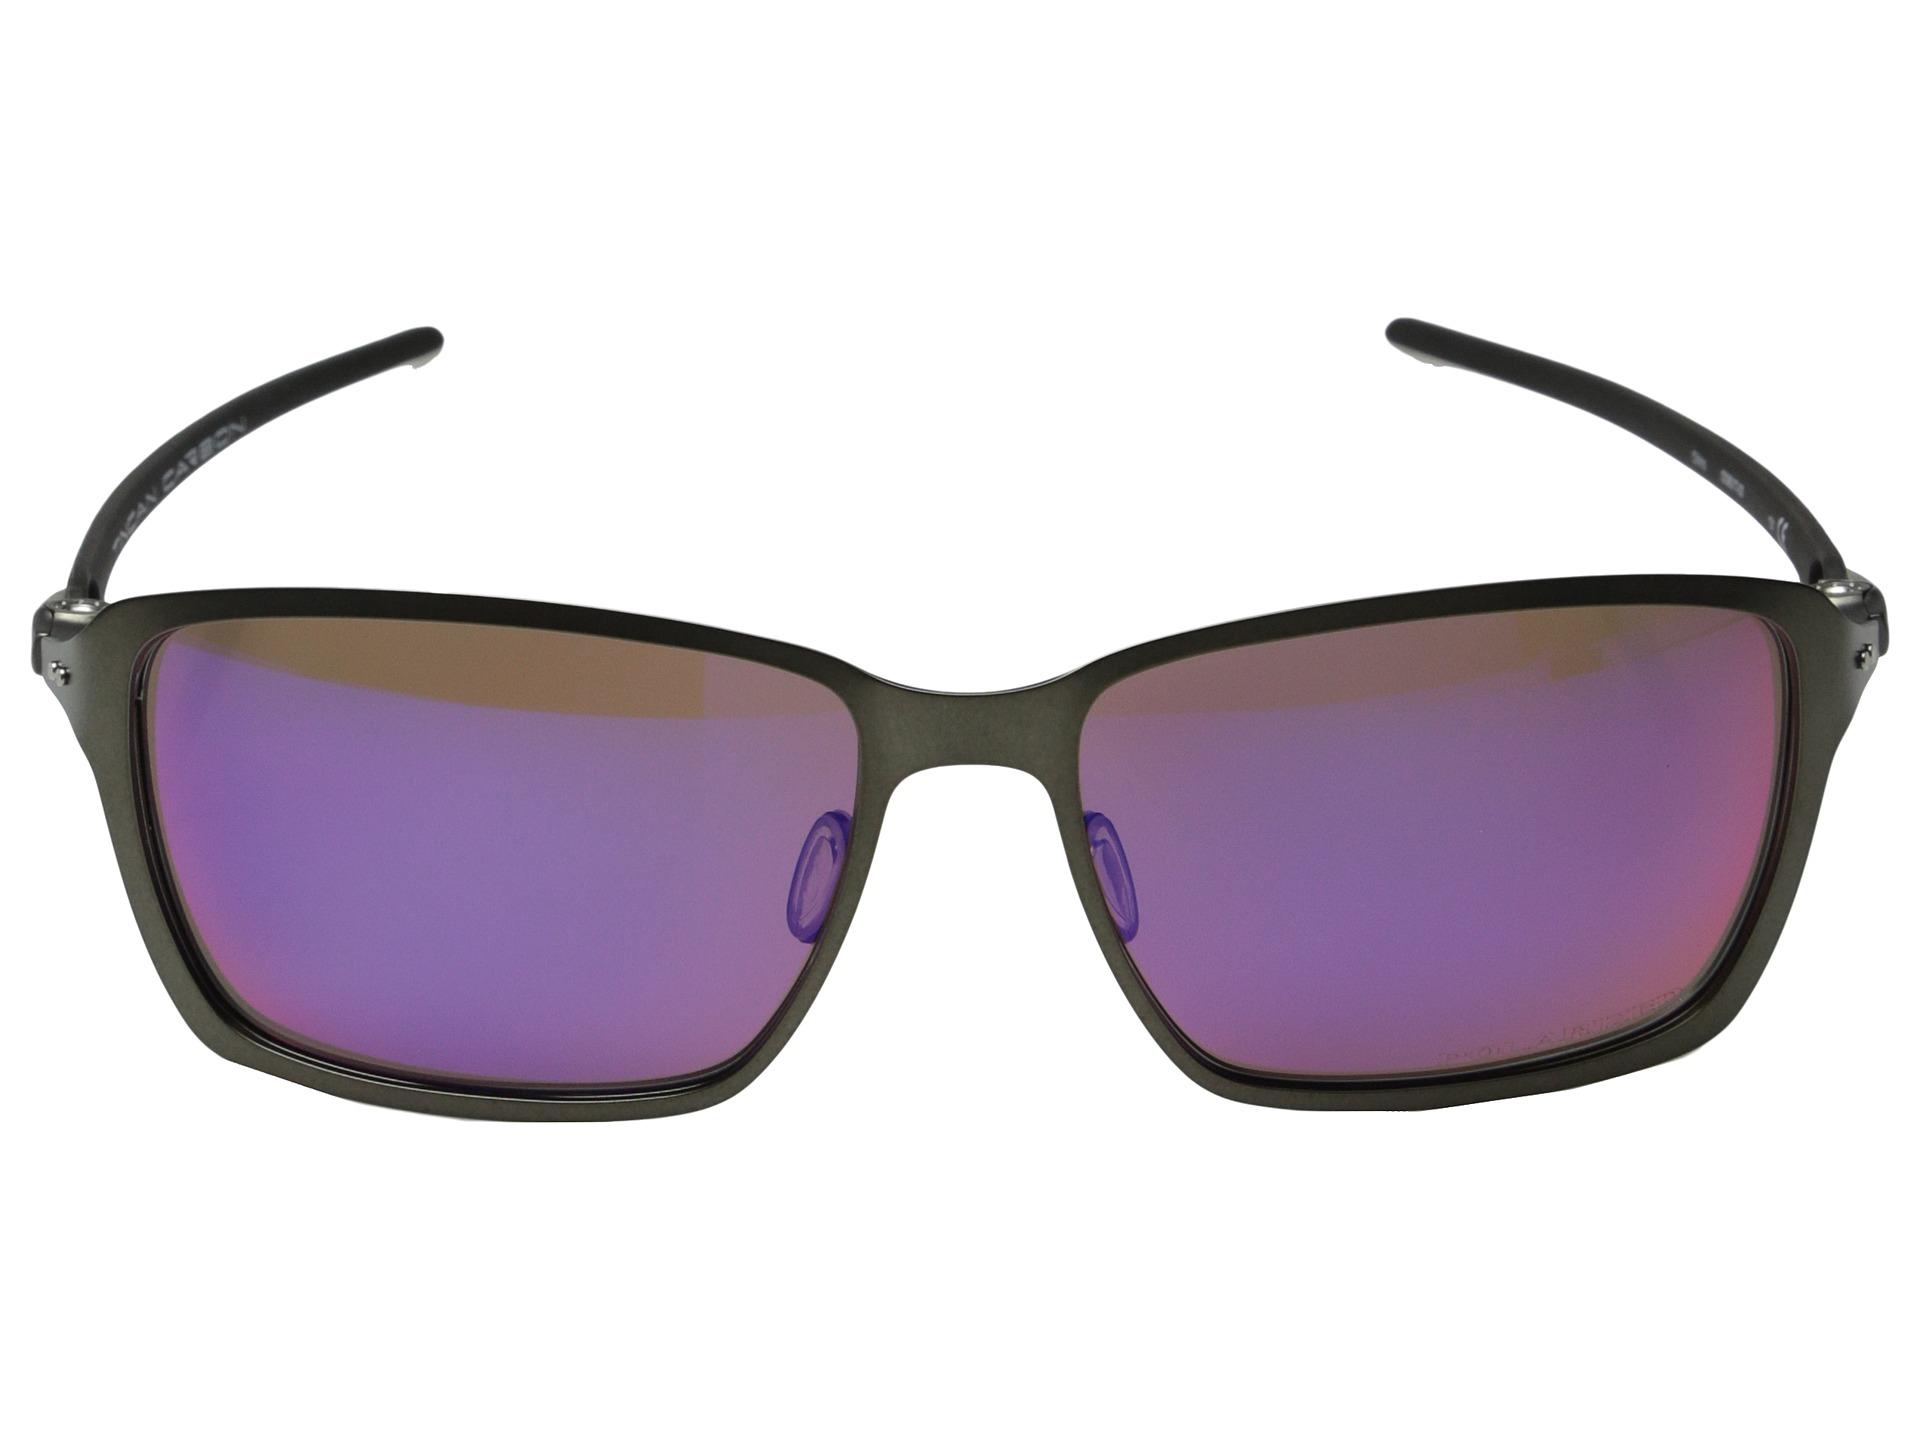 Lyst - Oakley Tincan Carbon in Purple for Men 0f53567ec2